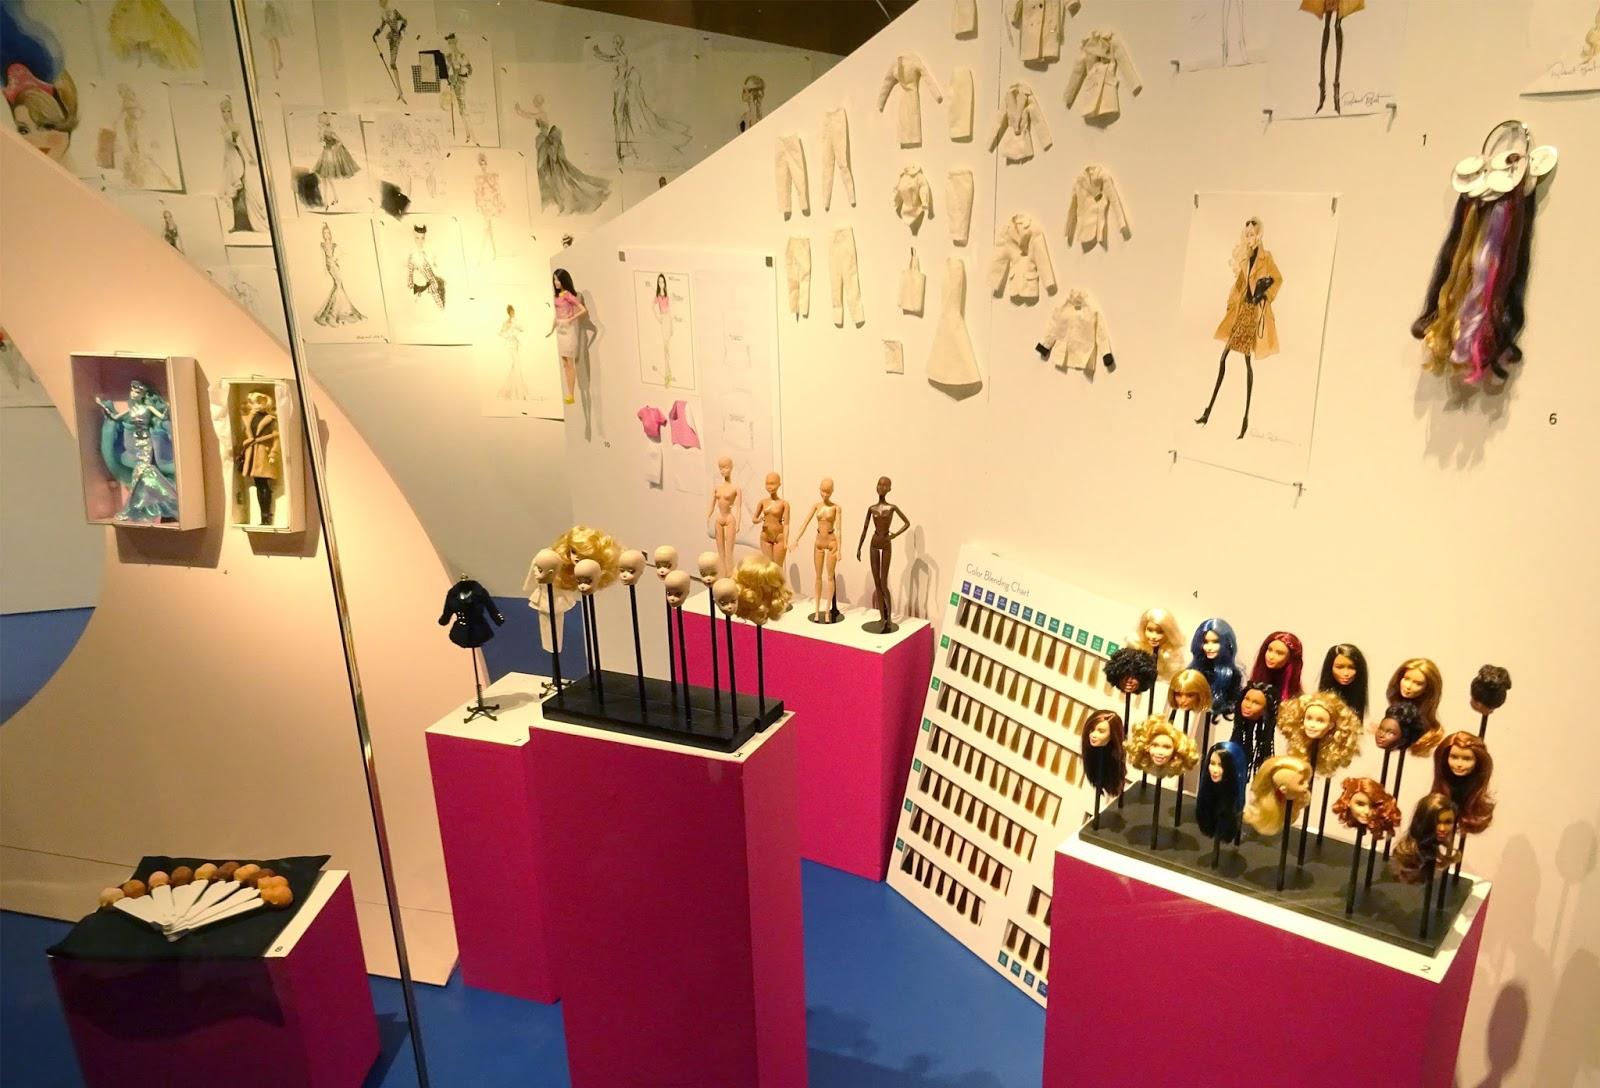 Exposition Barbie Musée des Arts Décoratifs création Barbie